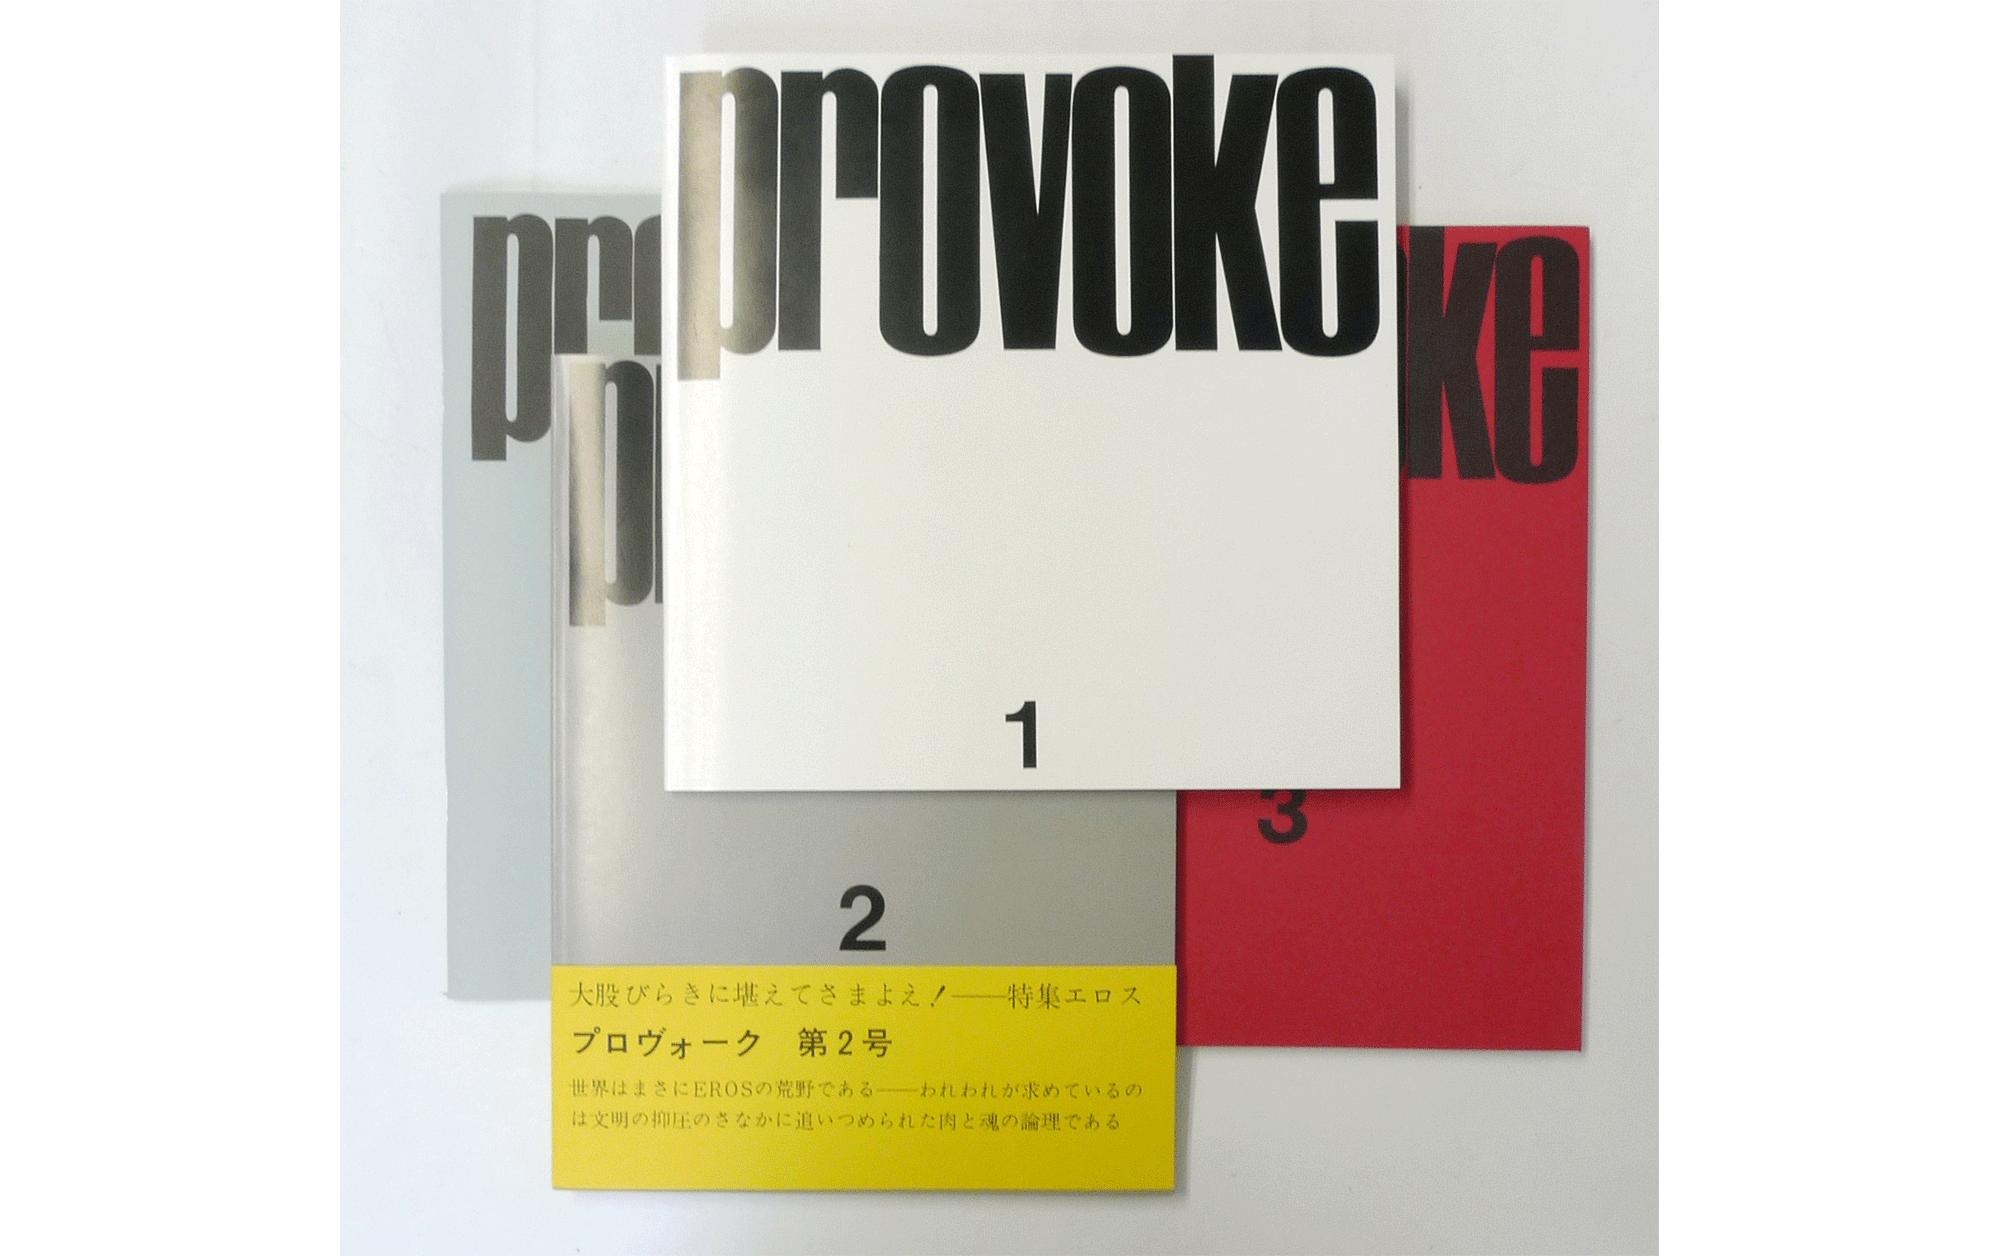 書店員がピックアップする11月のおすすめ写真集【Shelf編】 | プロヴォーク復刻版